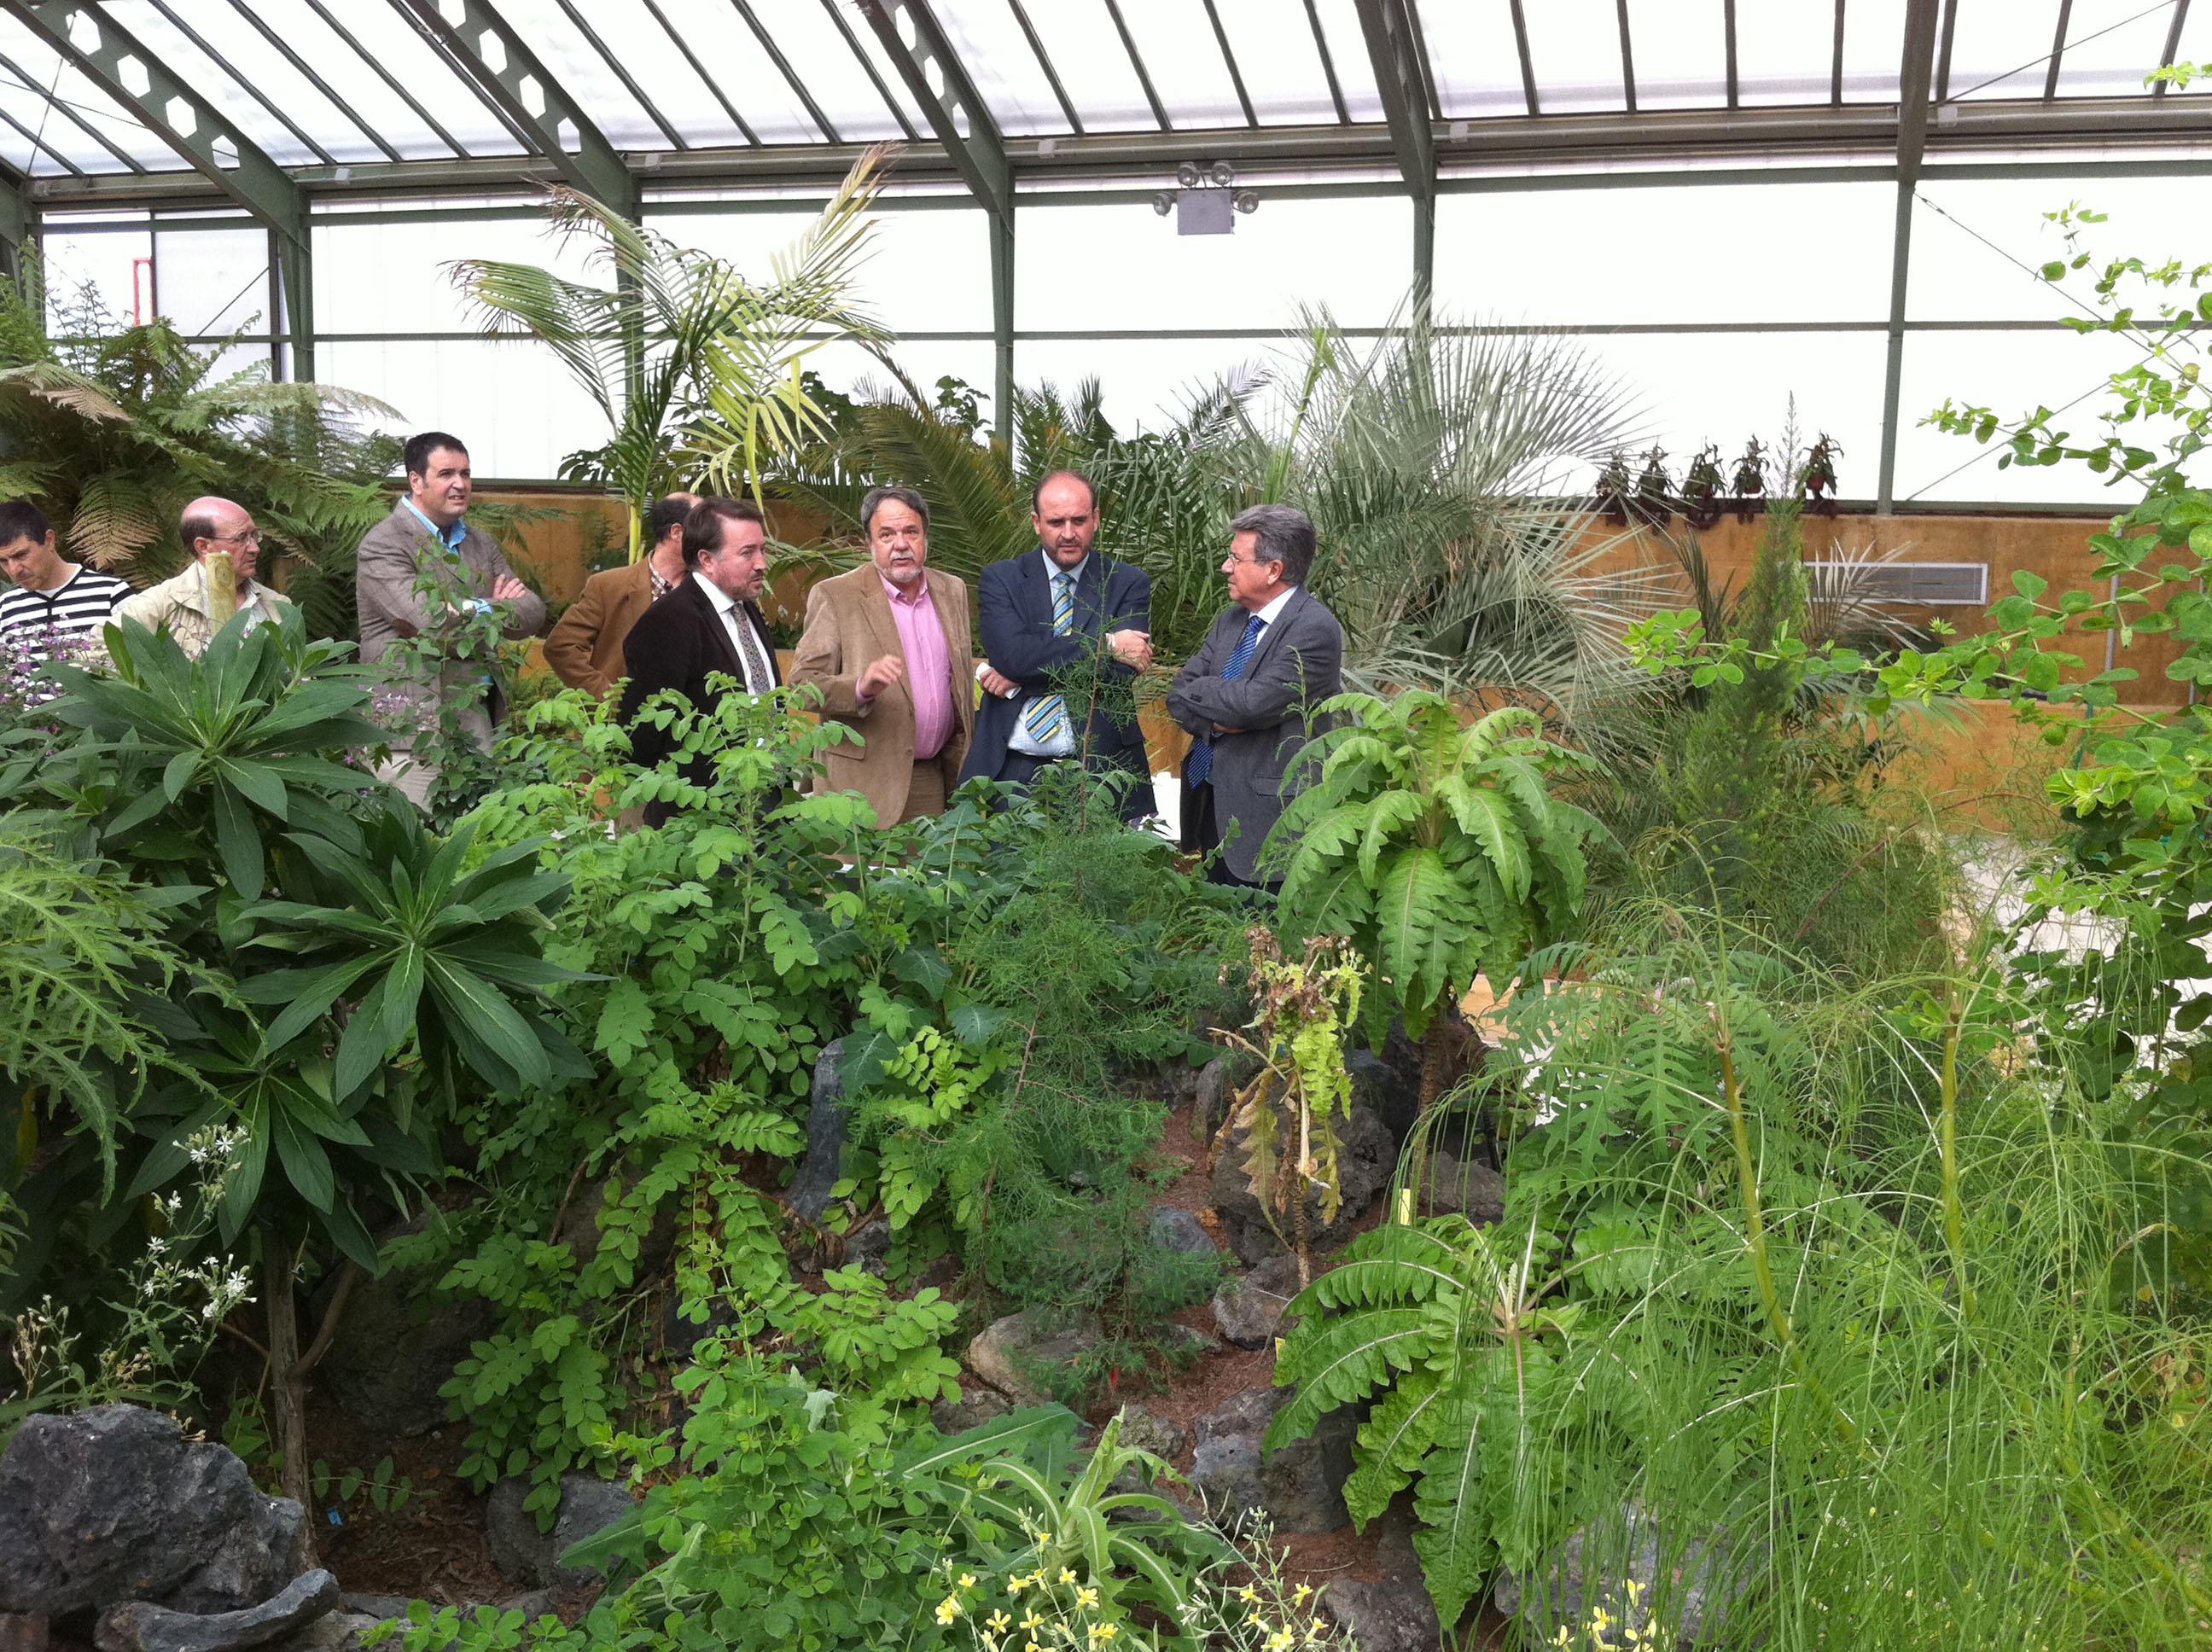 La consejer a de agricultura y medio ambiente y el jard n for Jardin botanico castilla la mancha